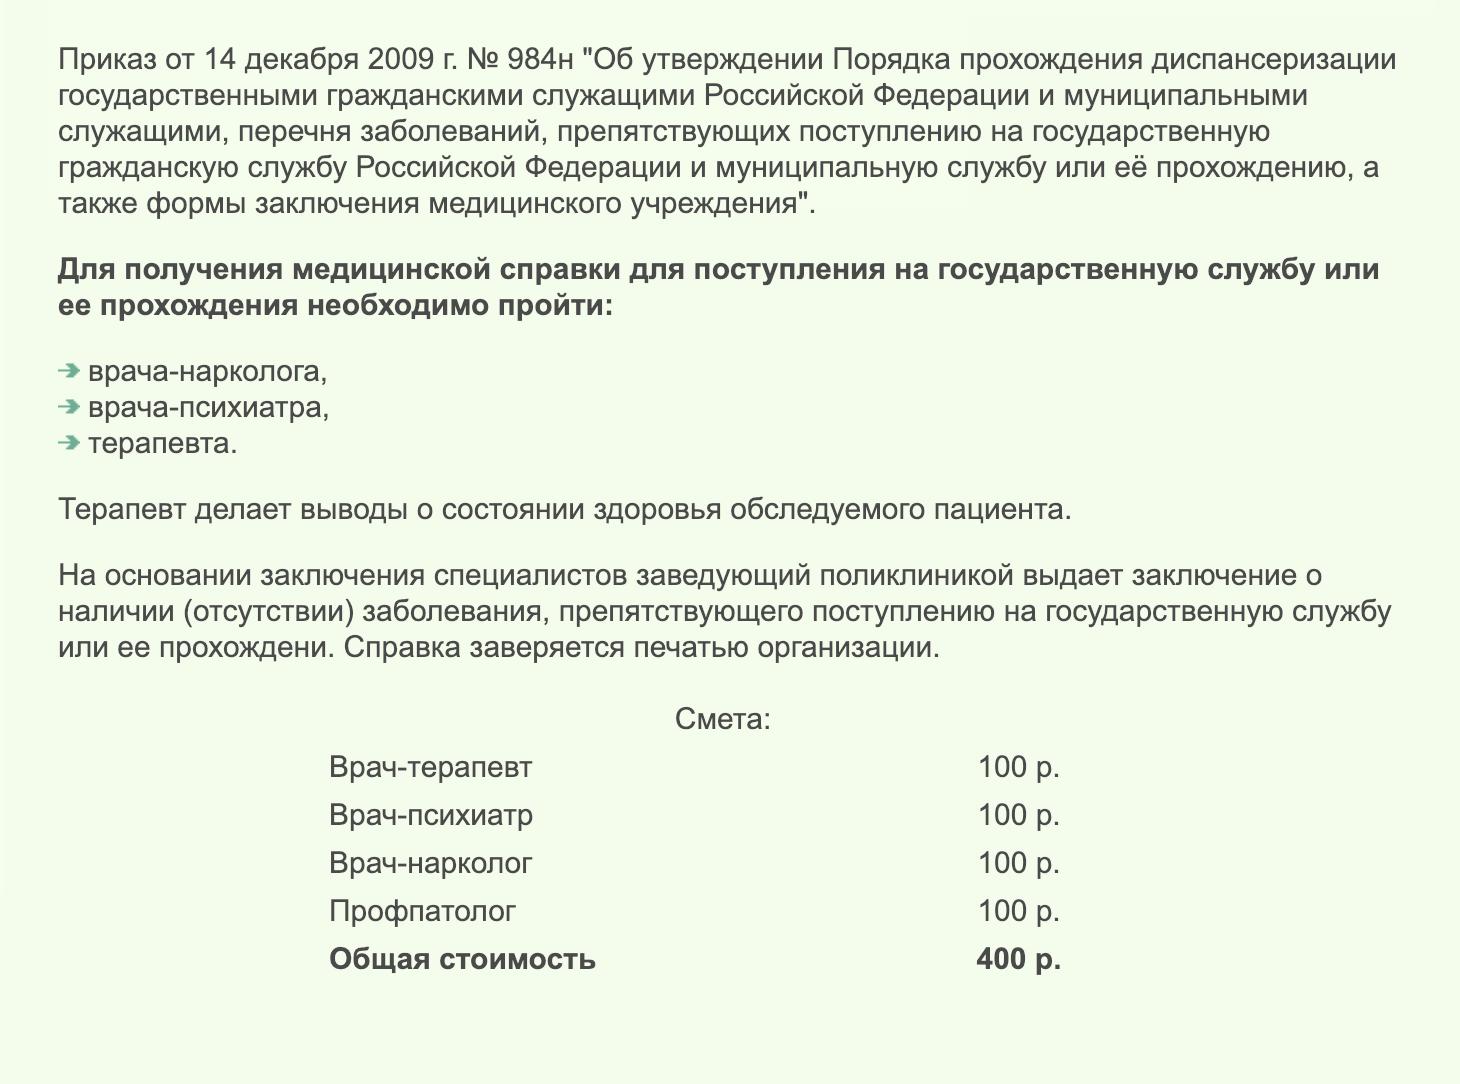 Прайс на сайте Приволжского окружного медицинского центра. Государственная клиника, 400<span class=ruble>Р</span> за весь комплект заключений